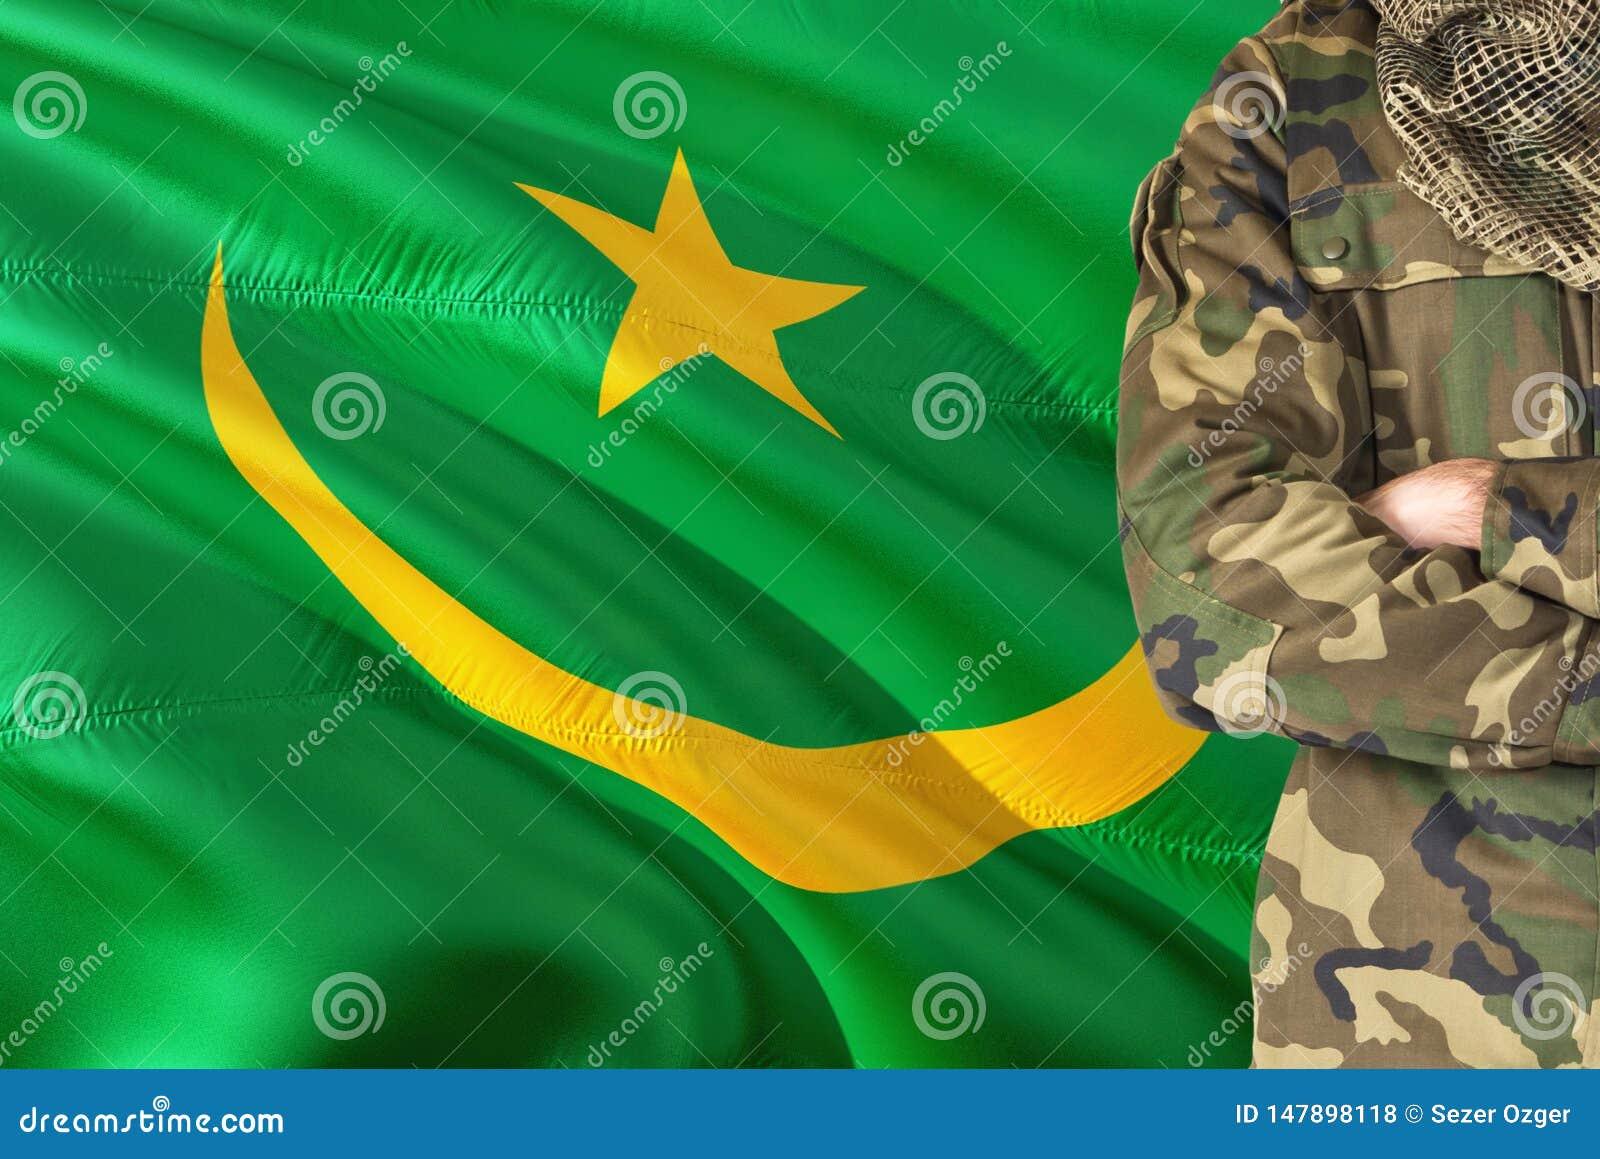 Пересеченный солдат оружия мавританский с национальным развевая флагом на предпосылке - теме Мавритании военной